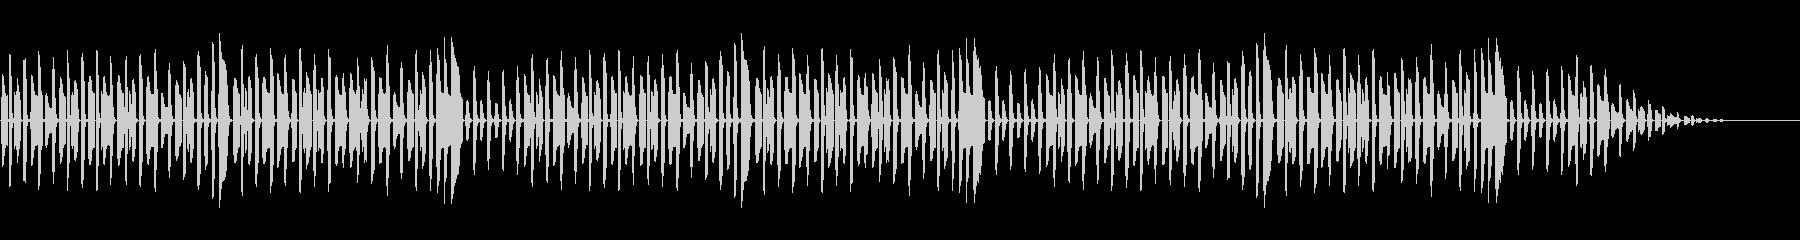 童謡「もみじ」脱力系アレンジの未再生の波形